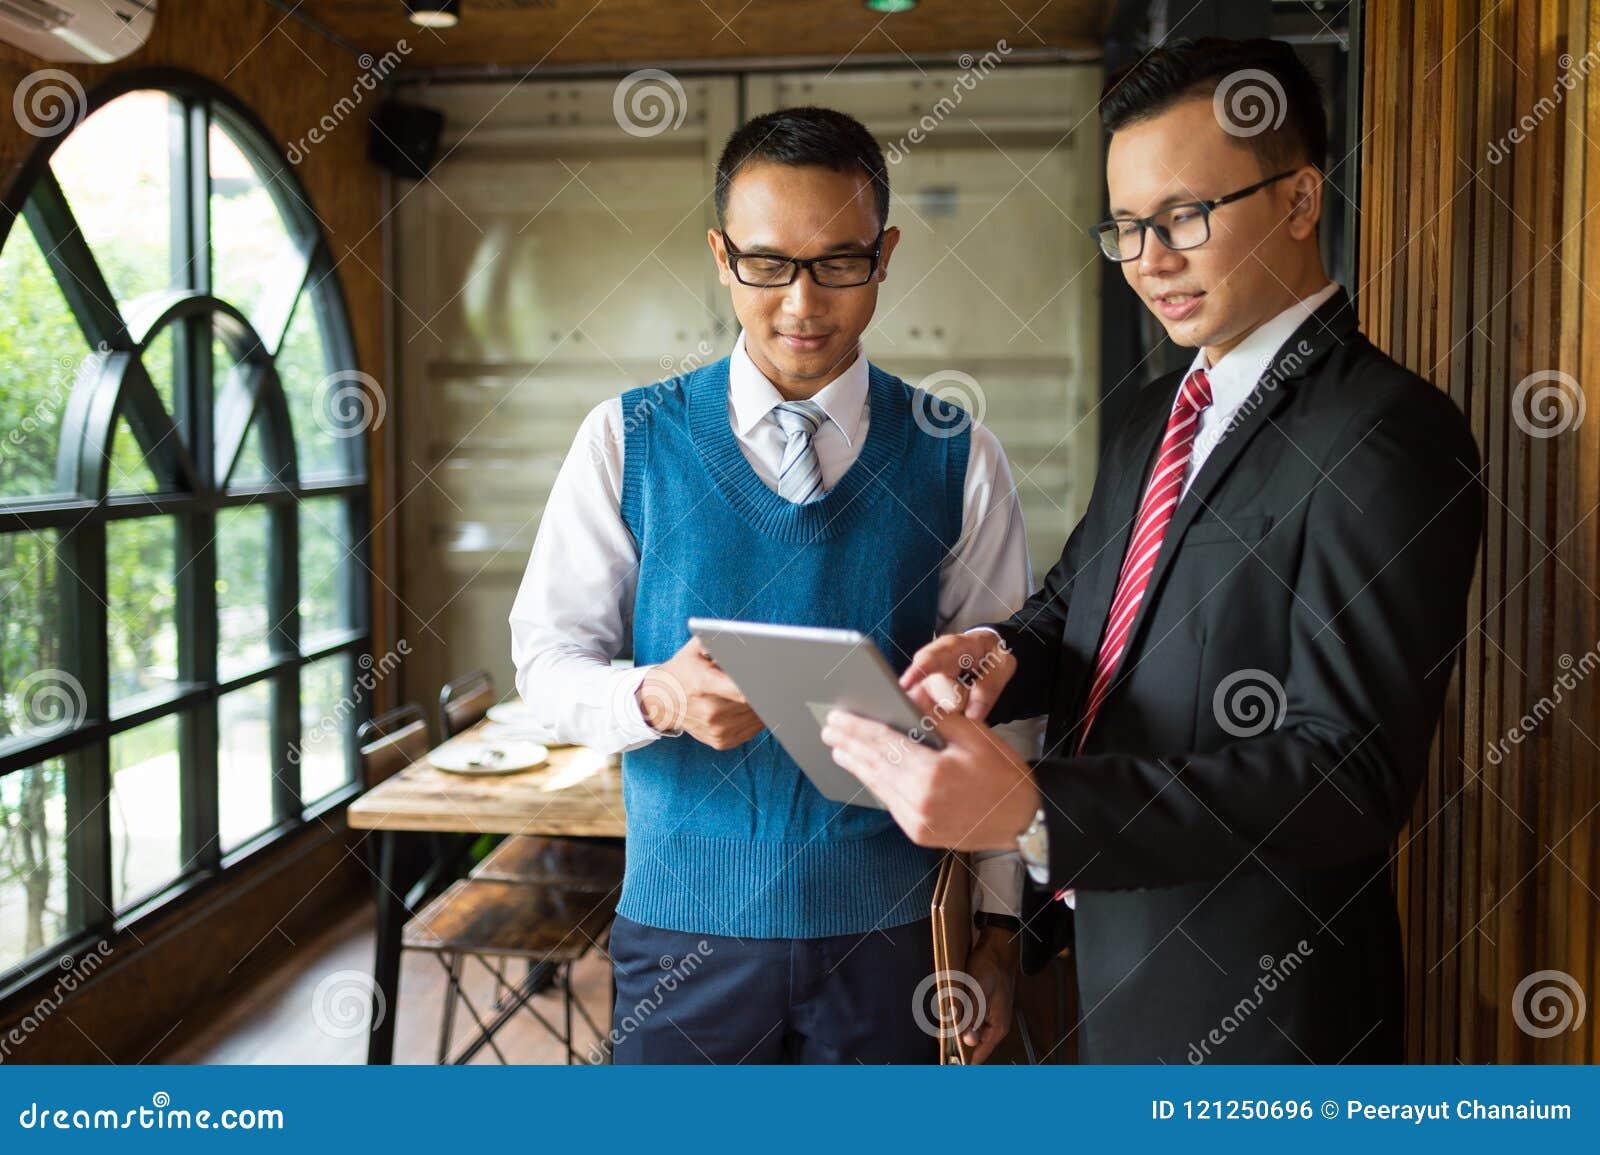 För affärsmanför se och punkt för två asiat fingret för att specificera i anteckningsbok, är de möta och tala om affärsplan